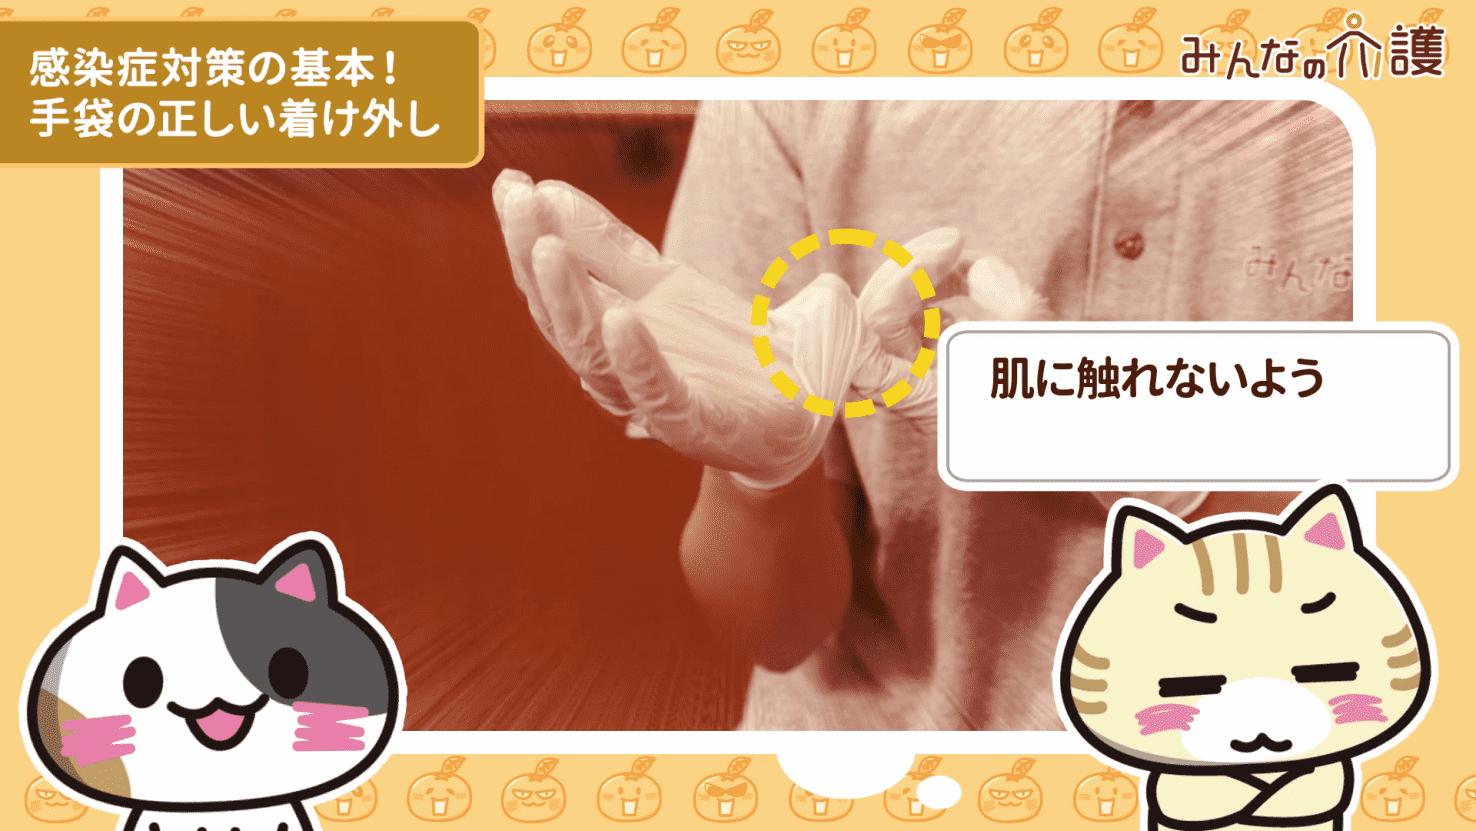 手袋を外すときは手で直接触らないように注意する